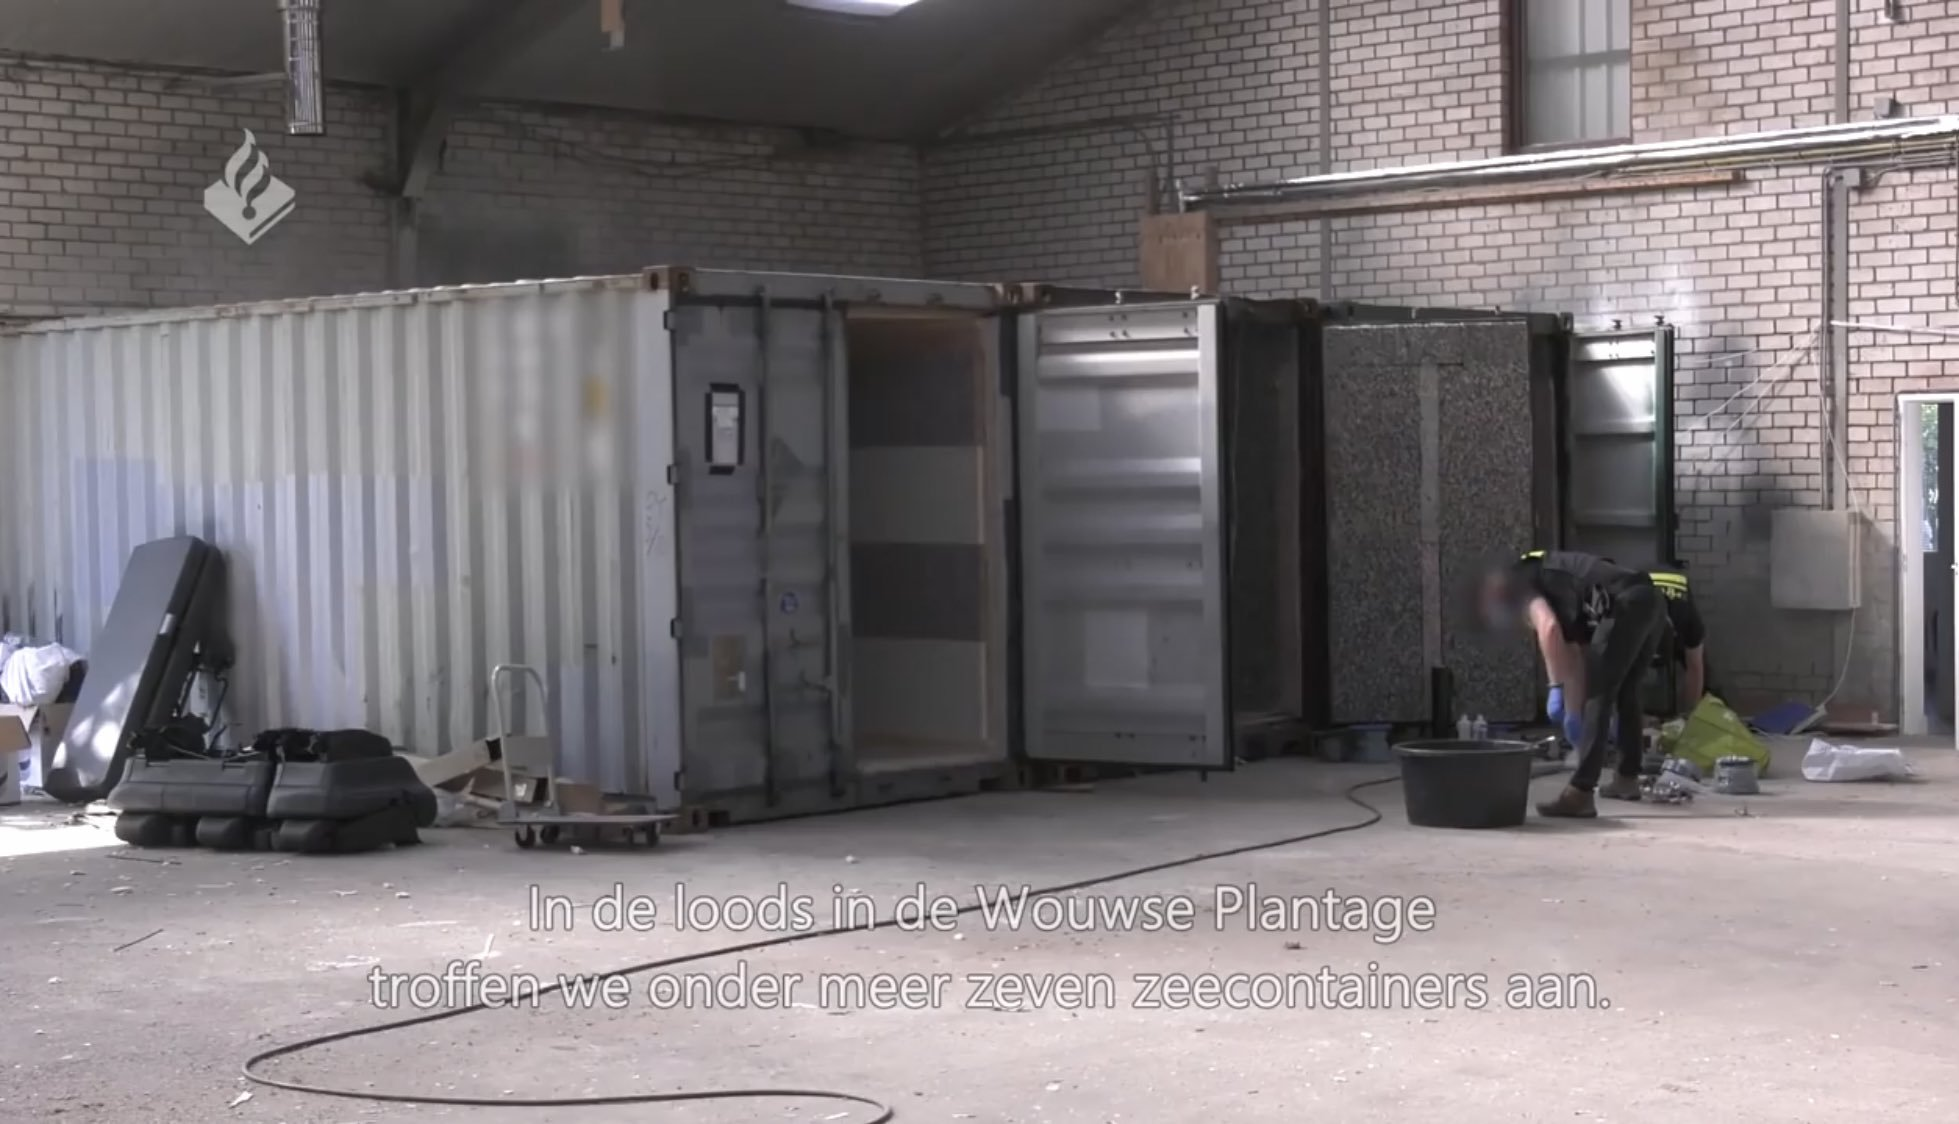 Cảnh sát Hà Lan phát hiện phòng tra tấn trong container